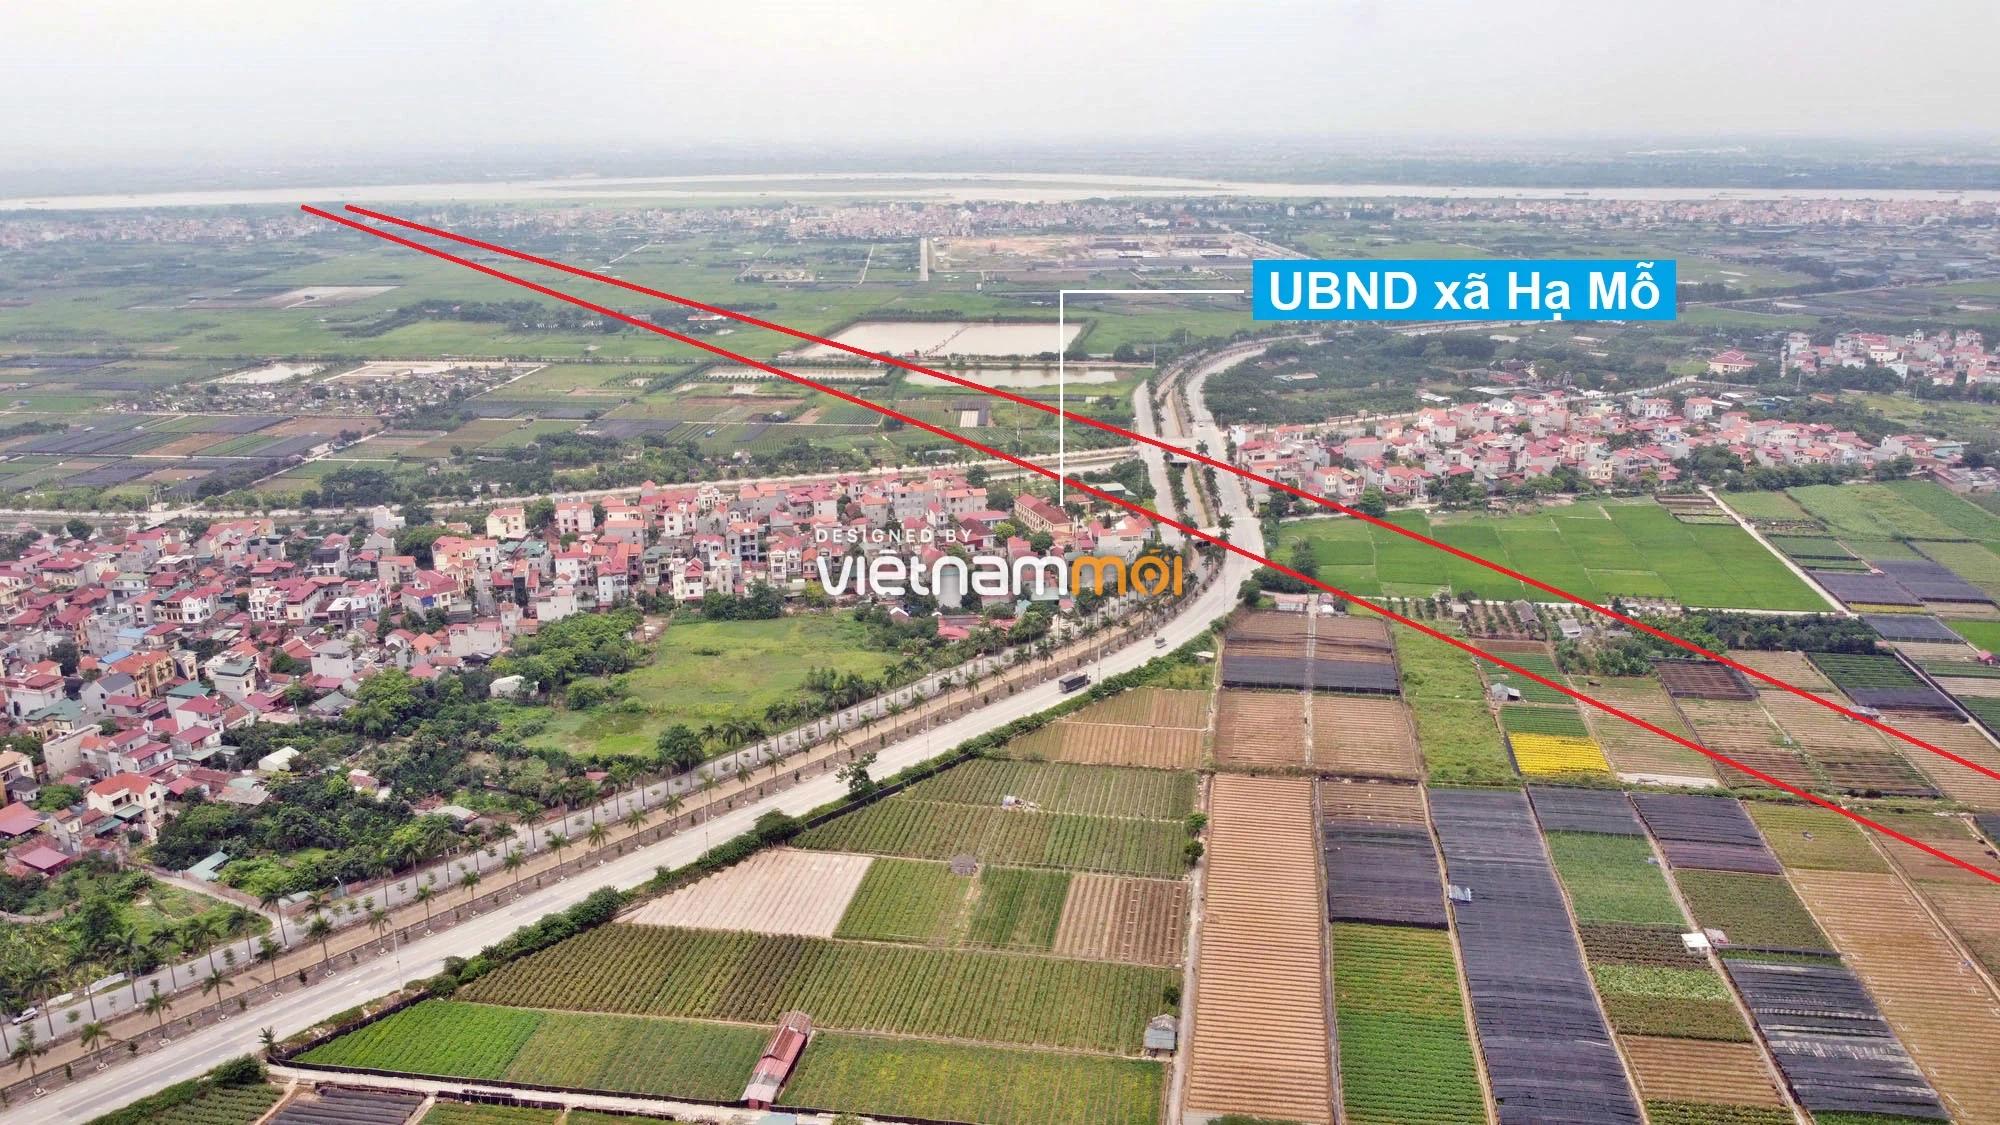 Toàn cảnh đường Vành đai 4 theo quy hoạch qua huyện Đan Phượng, Hà Nội - Ảnh 4.